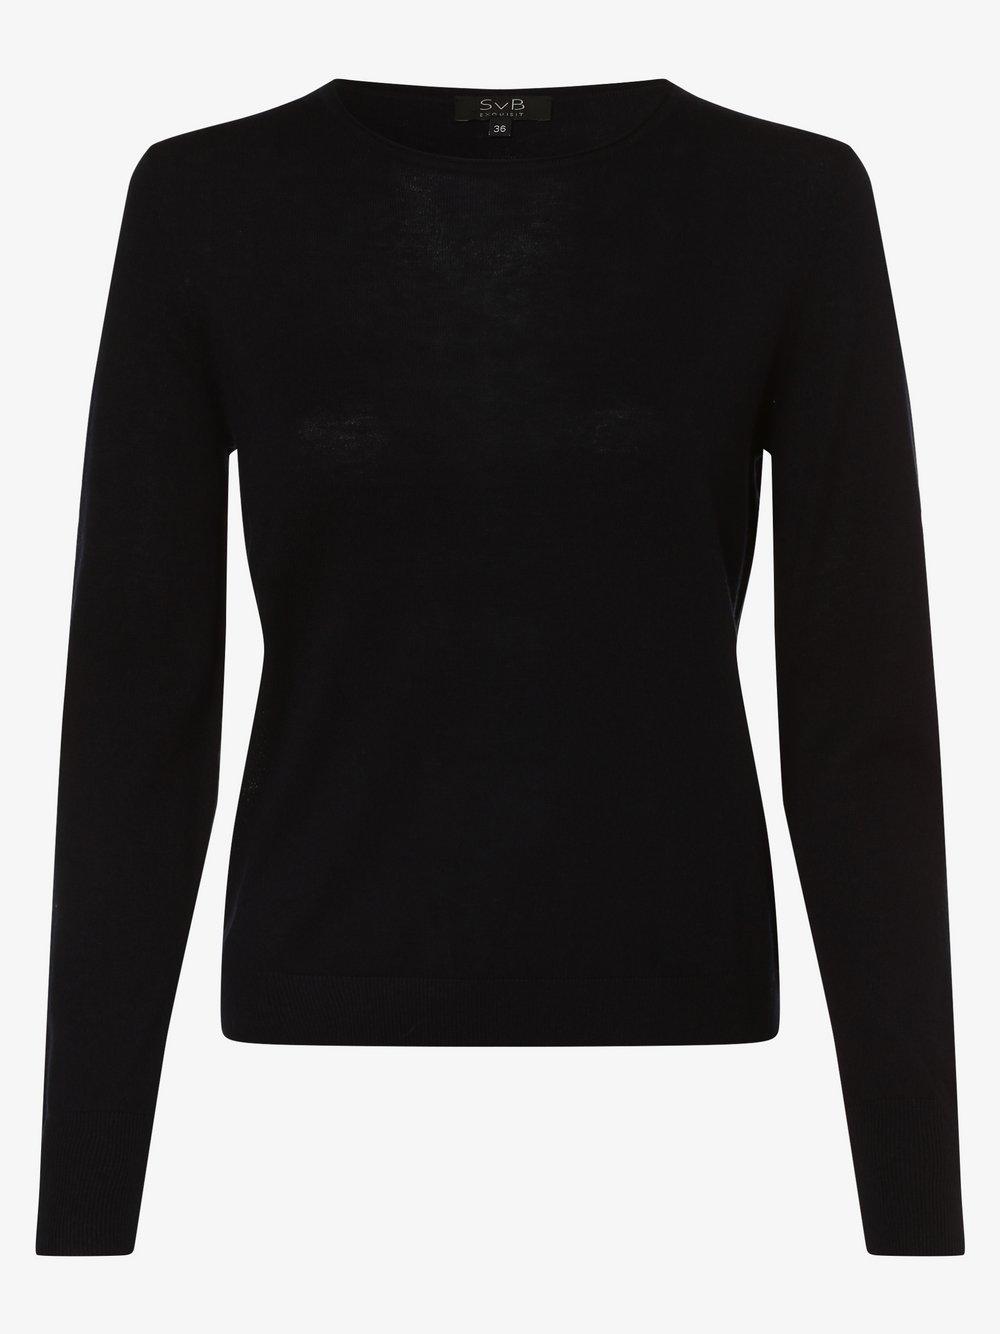 SvB Exquisit – Damski sweter z wełny merino, niebieski Van Graaf 479066-0003-00420